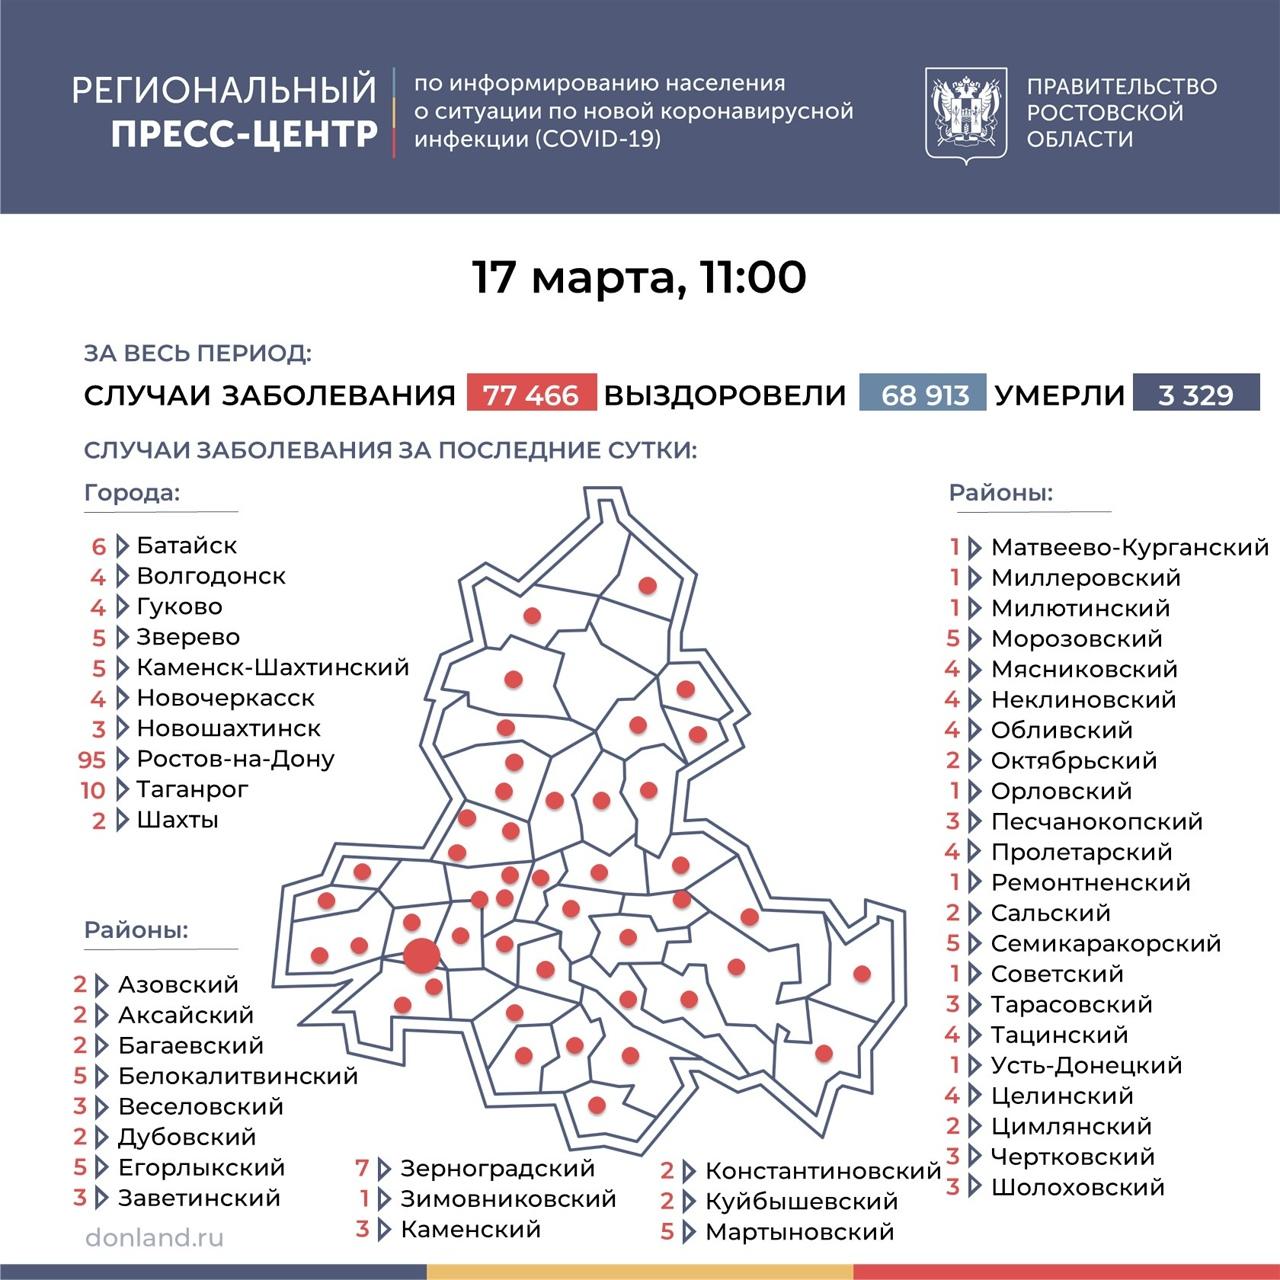 На Дону число инфицированных COVID-19 снизилось до 241, в Таганроге 10 новых случаев